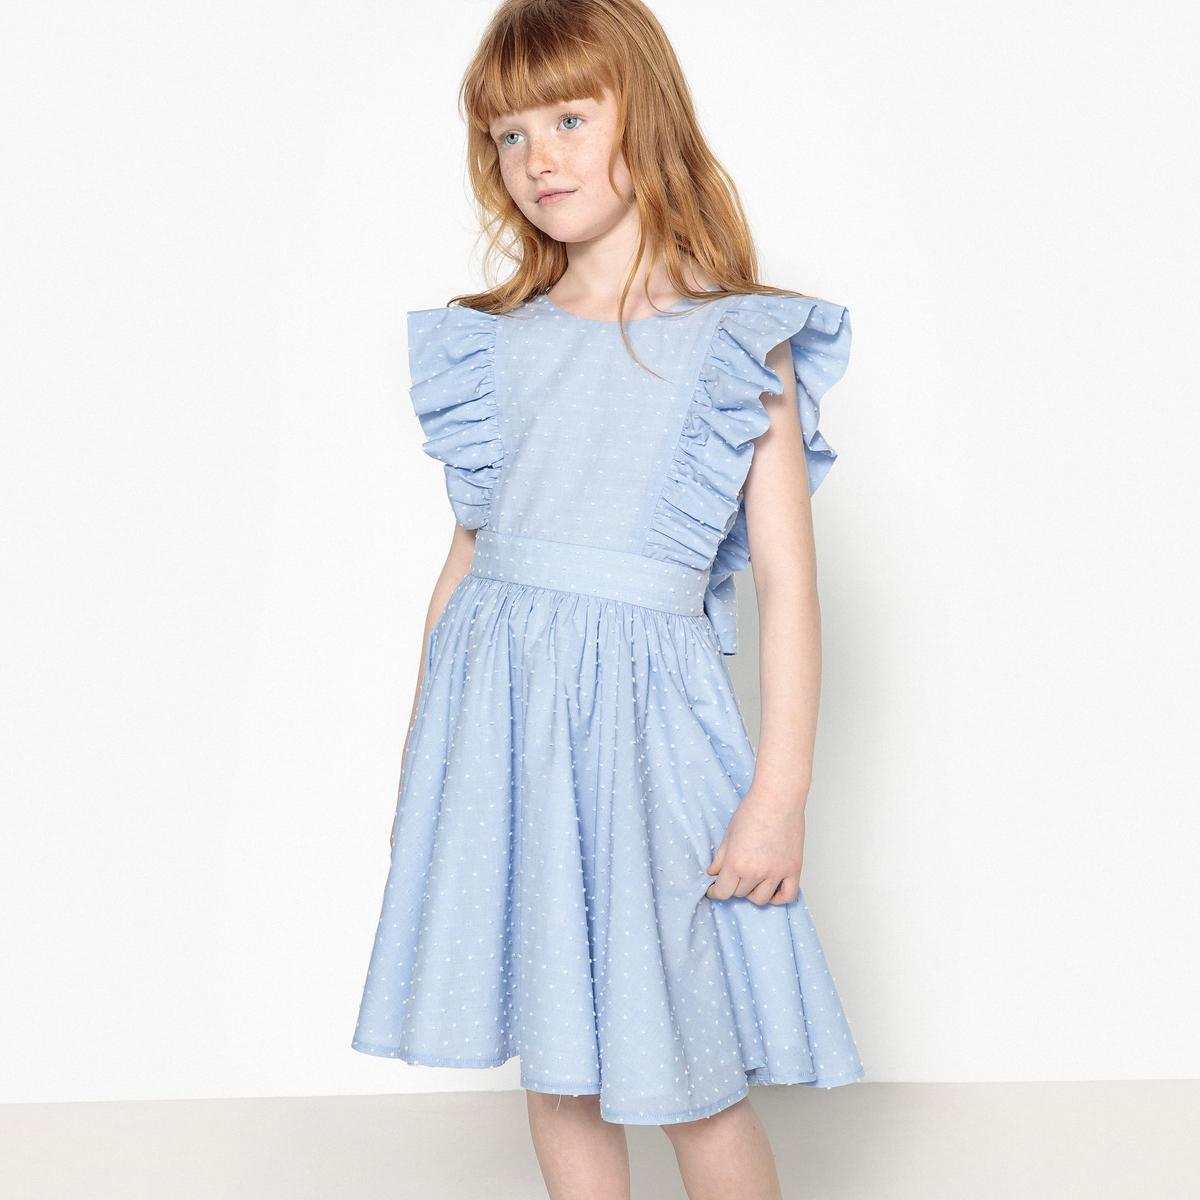 Платье парадное с вышивкой гладью, 3-12 лет футболка с вышивкой и воланами 3 12 лет